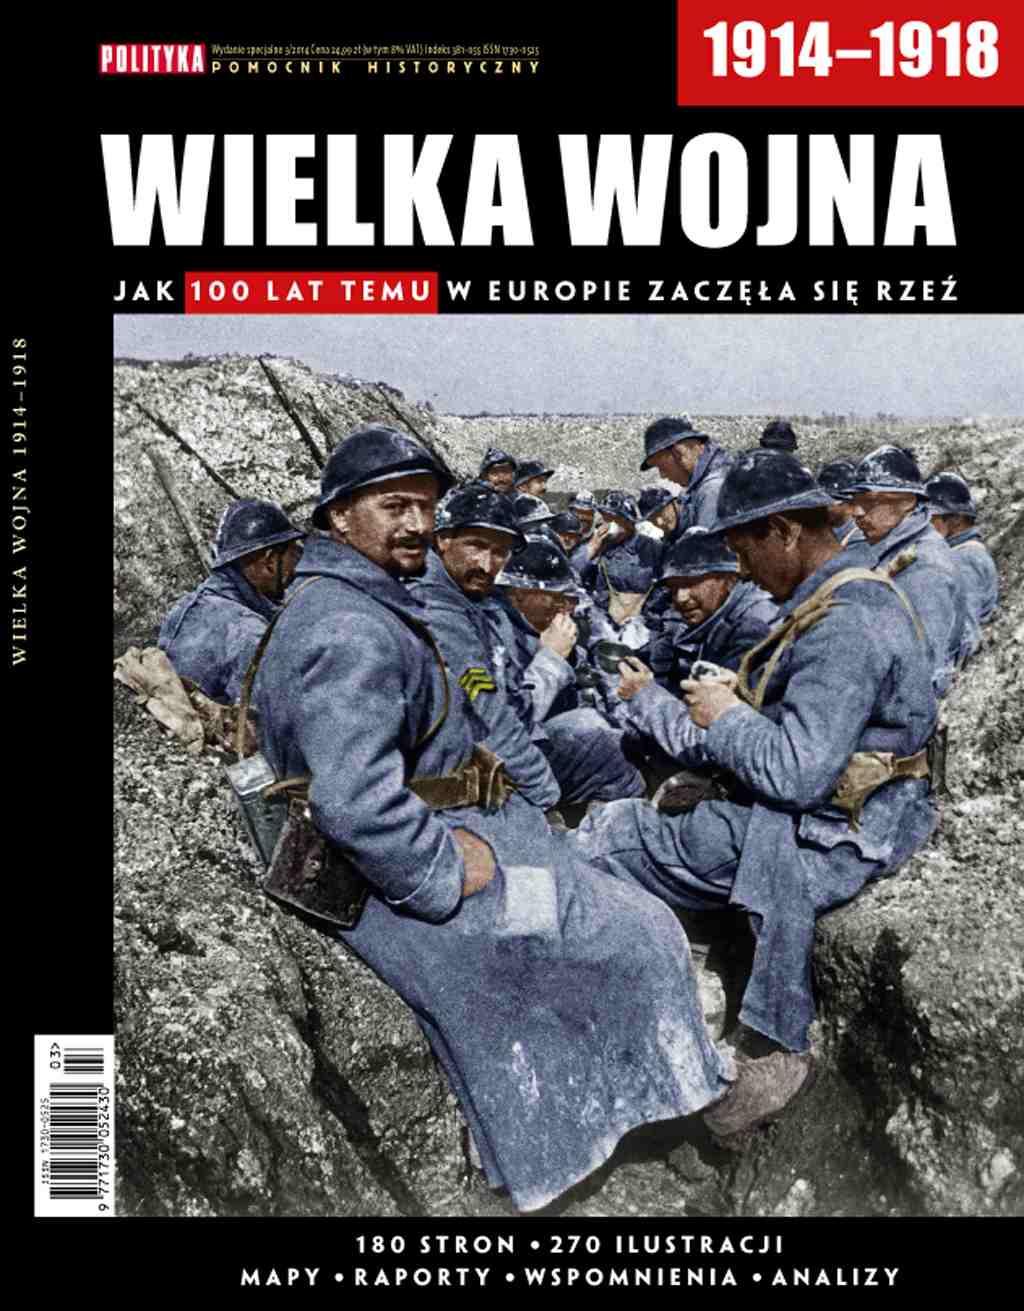 Pomocnik Historyczny: Wielka Wojna 1914-1918 - Ebook (Książka PDF) do pobrania w formacie PDF